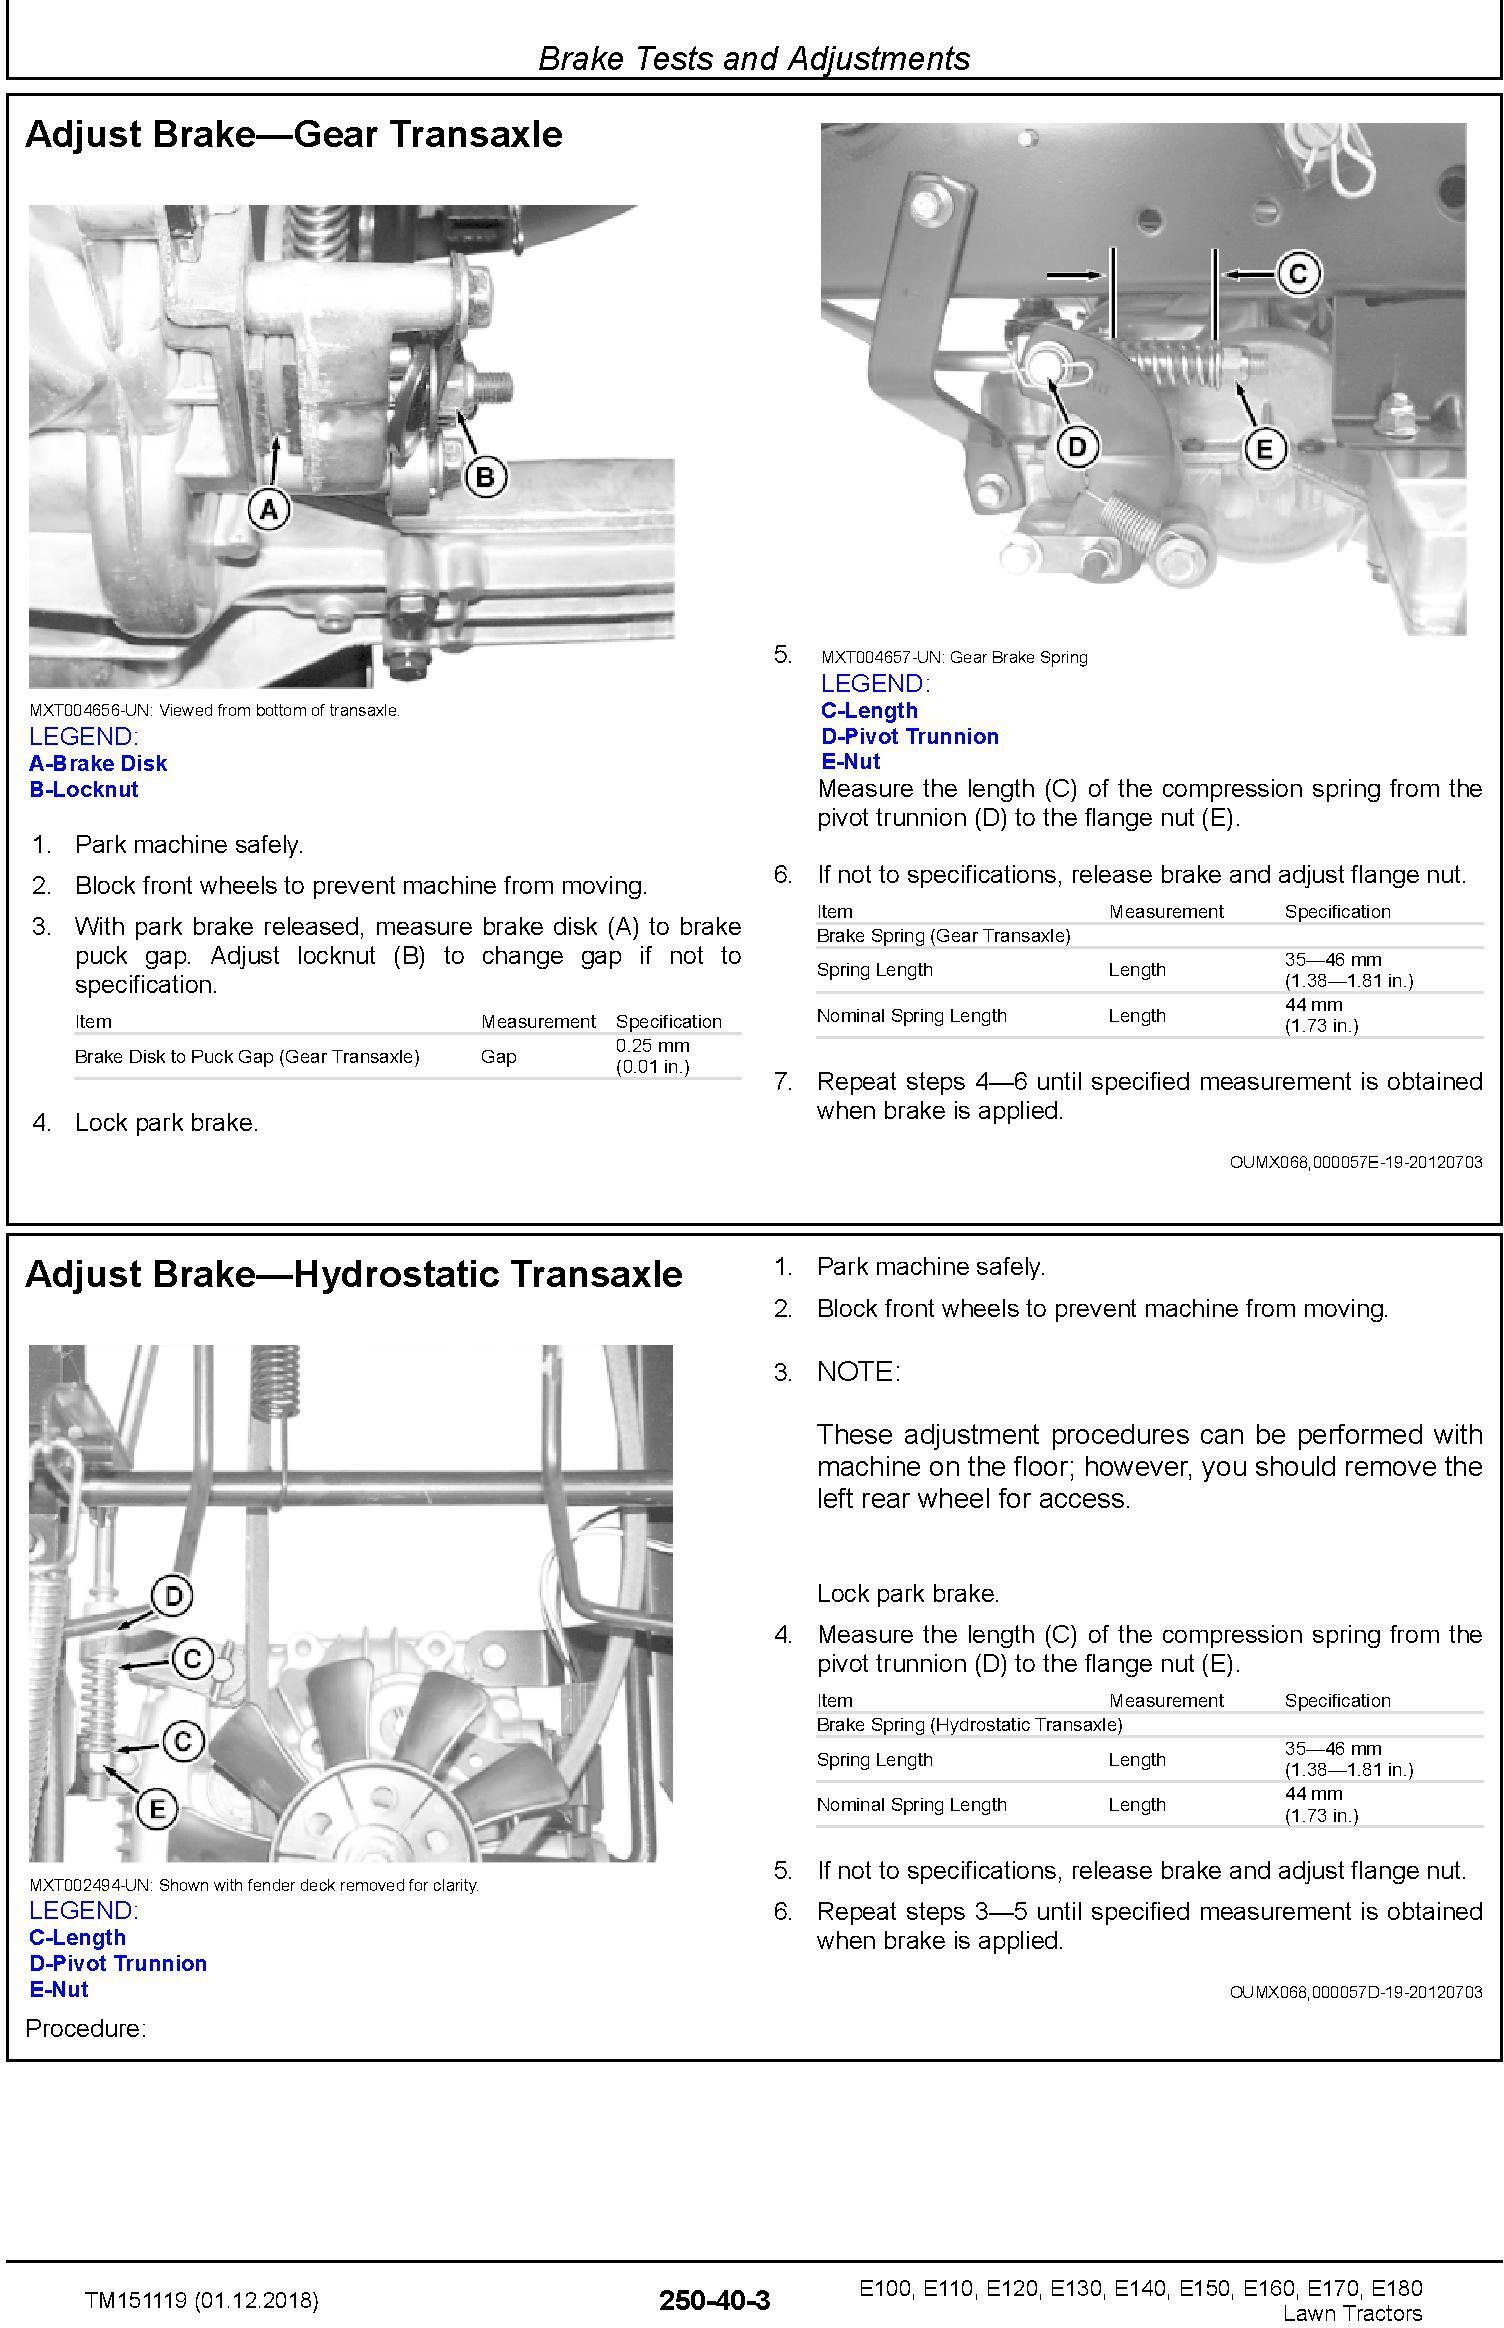 John Deere E100 E110 E120 E130 E140 E150 E160 E170 E180 Lawn Tractors Technical Manual (TM151119) - 3